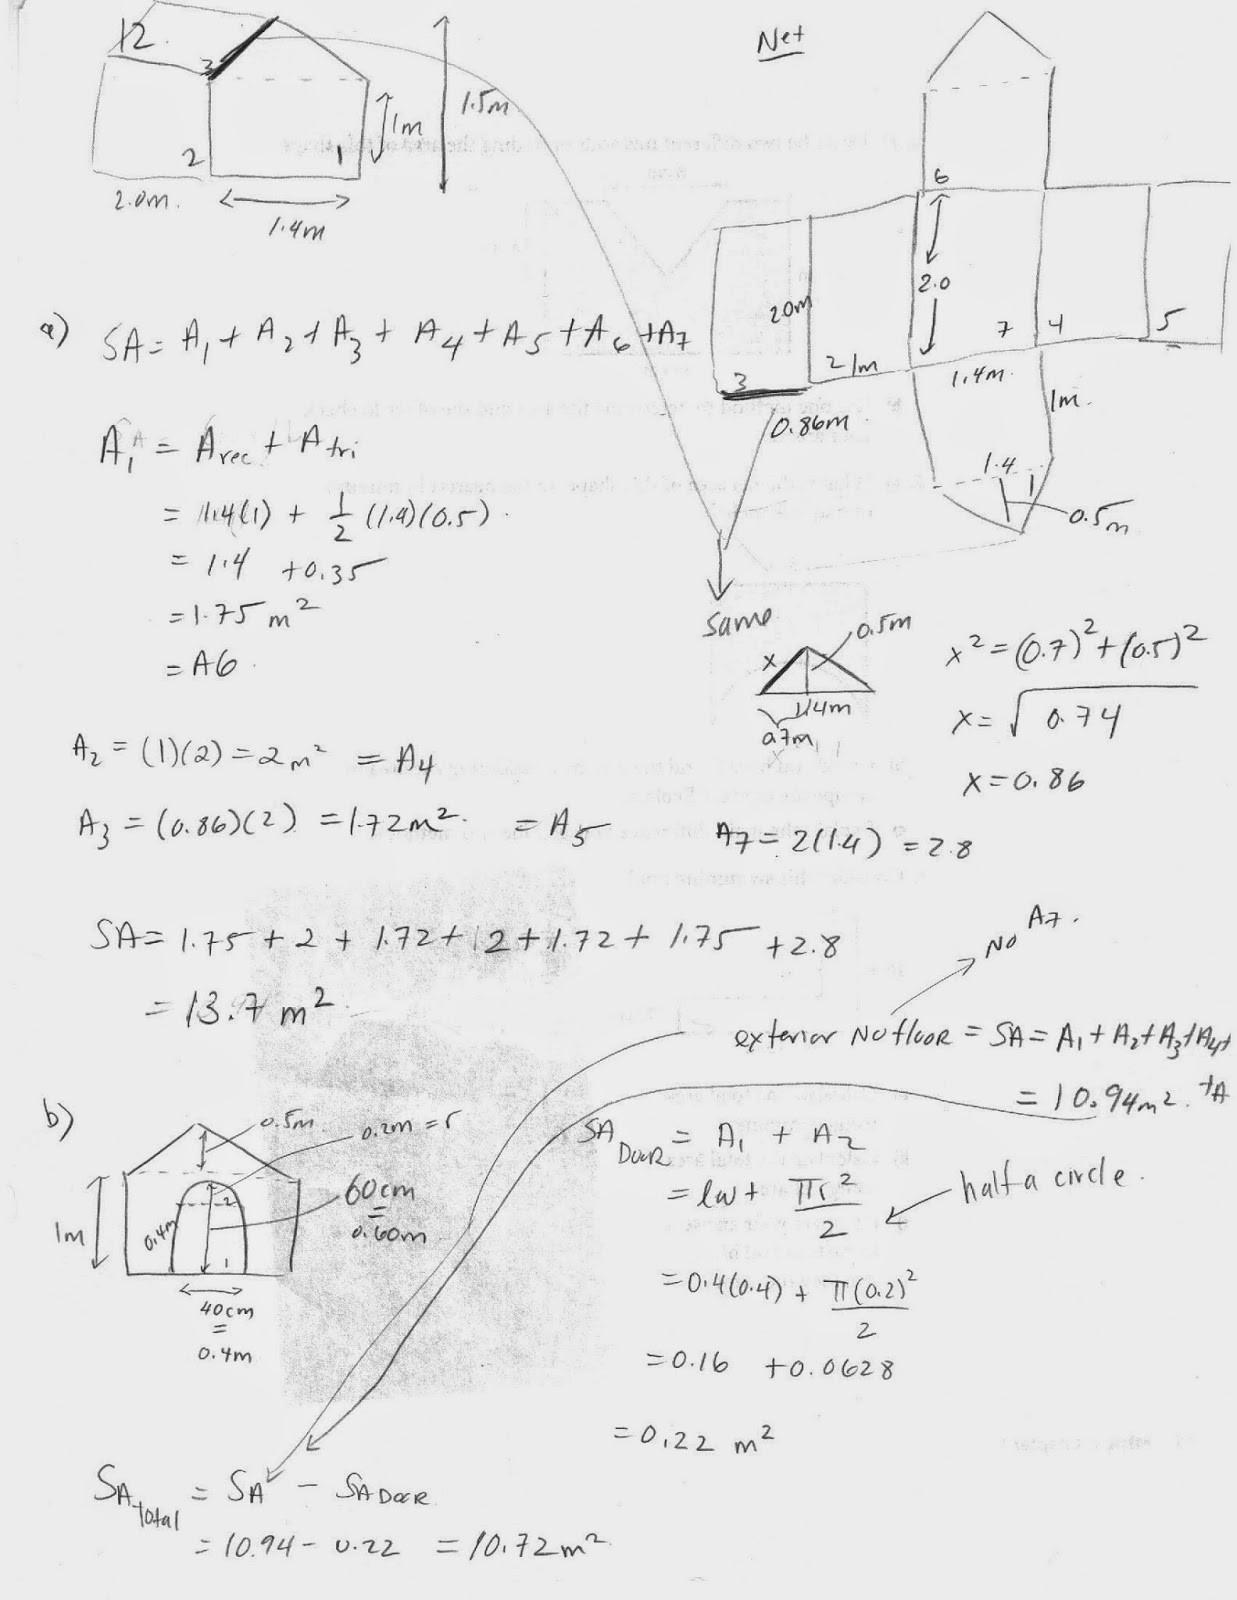 Volume Of Sphere Worksheet